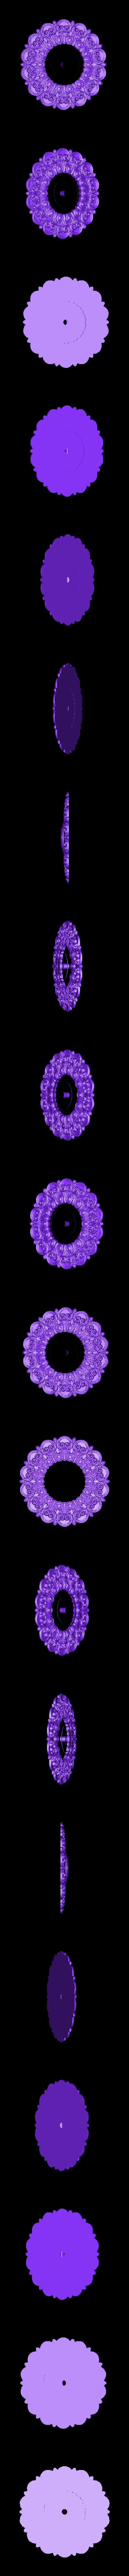 58.obj Télécharger fichier OBJ gratuit Moulures vintage pour vieux appartements classiques cnc art machine à router 3D printed • Modèle à imprimer en 3D, 3DPrinterFiles